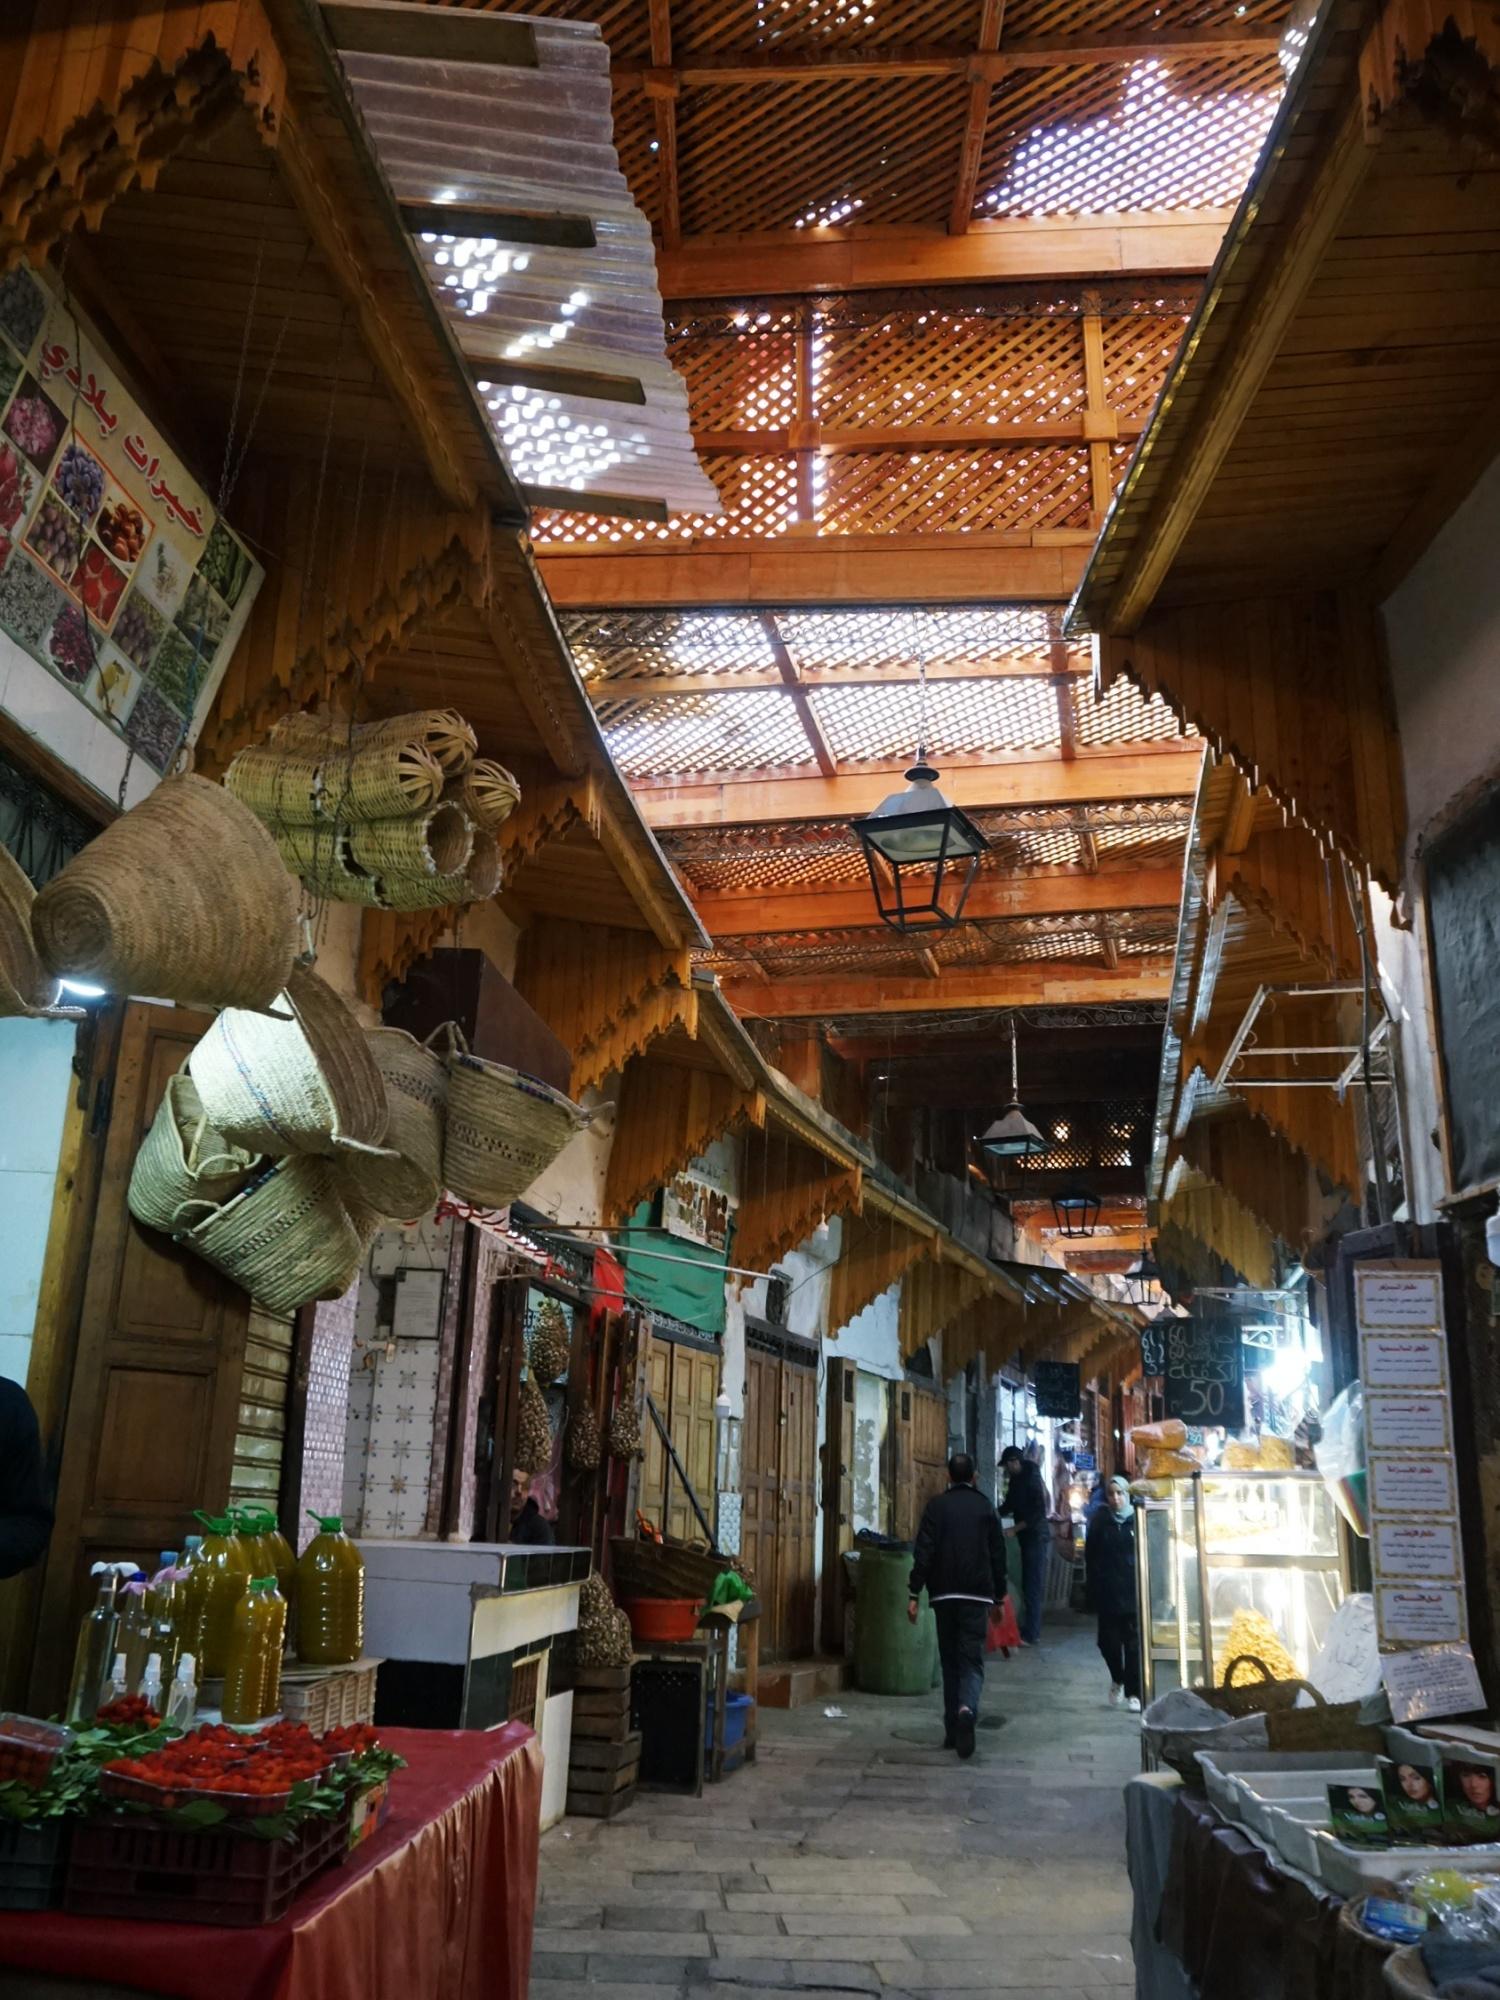 Fes Medina market